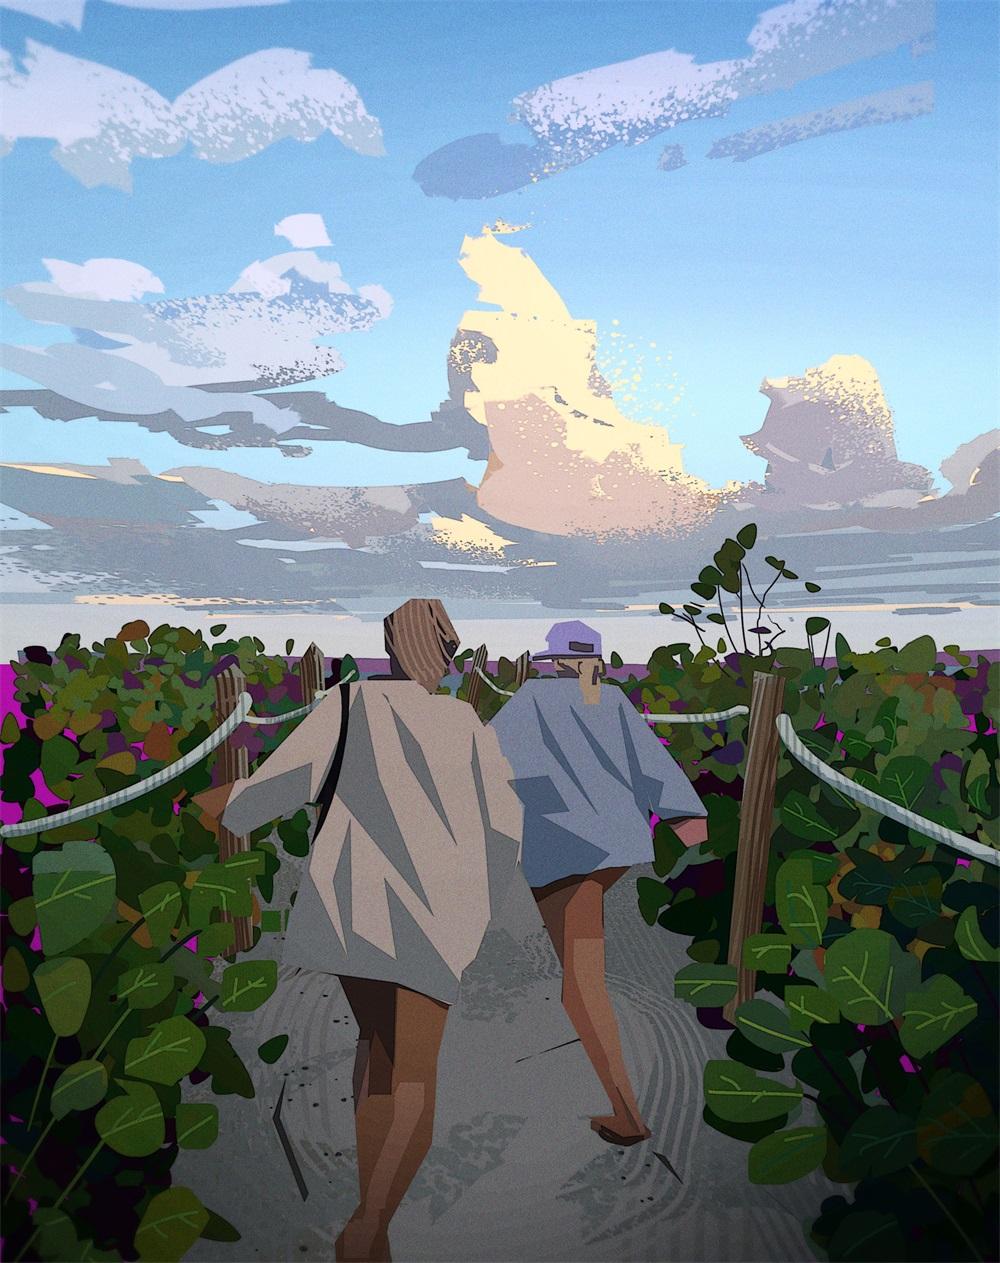 旅途风光!9款清透的景观插画